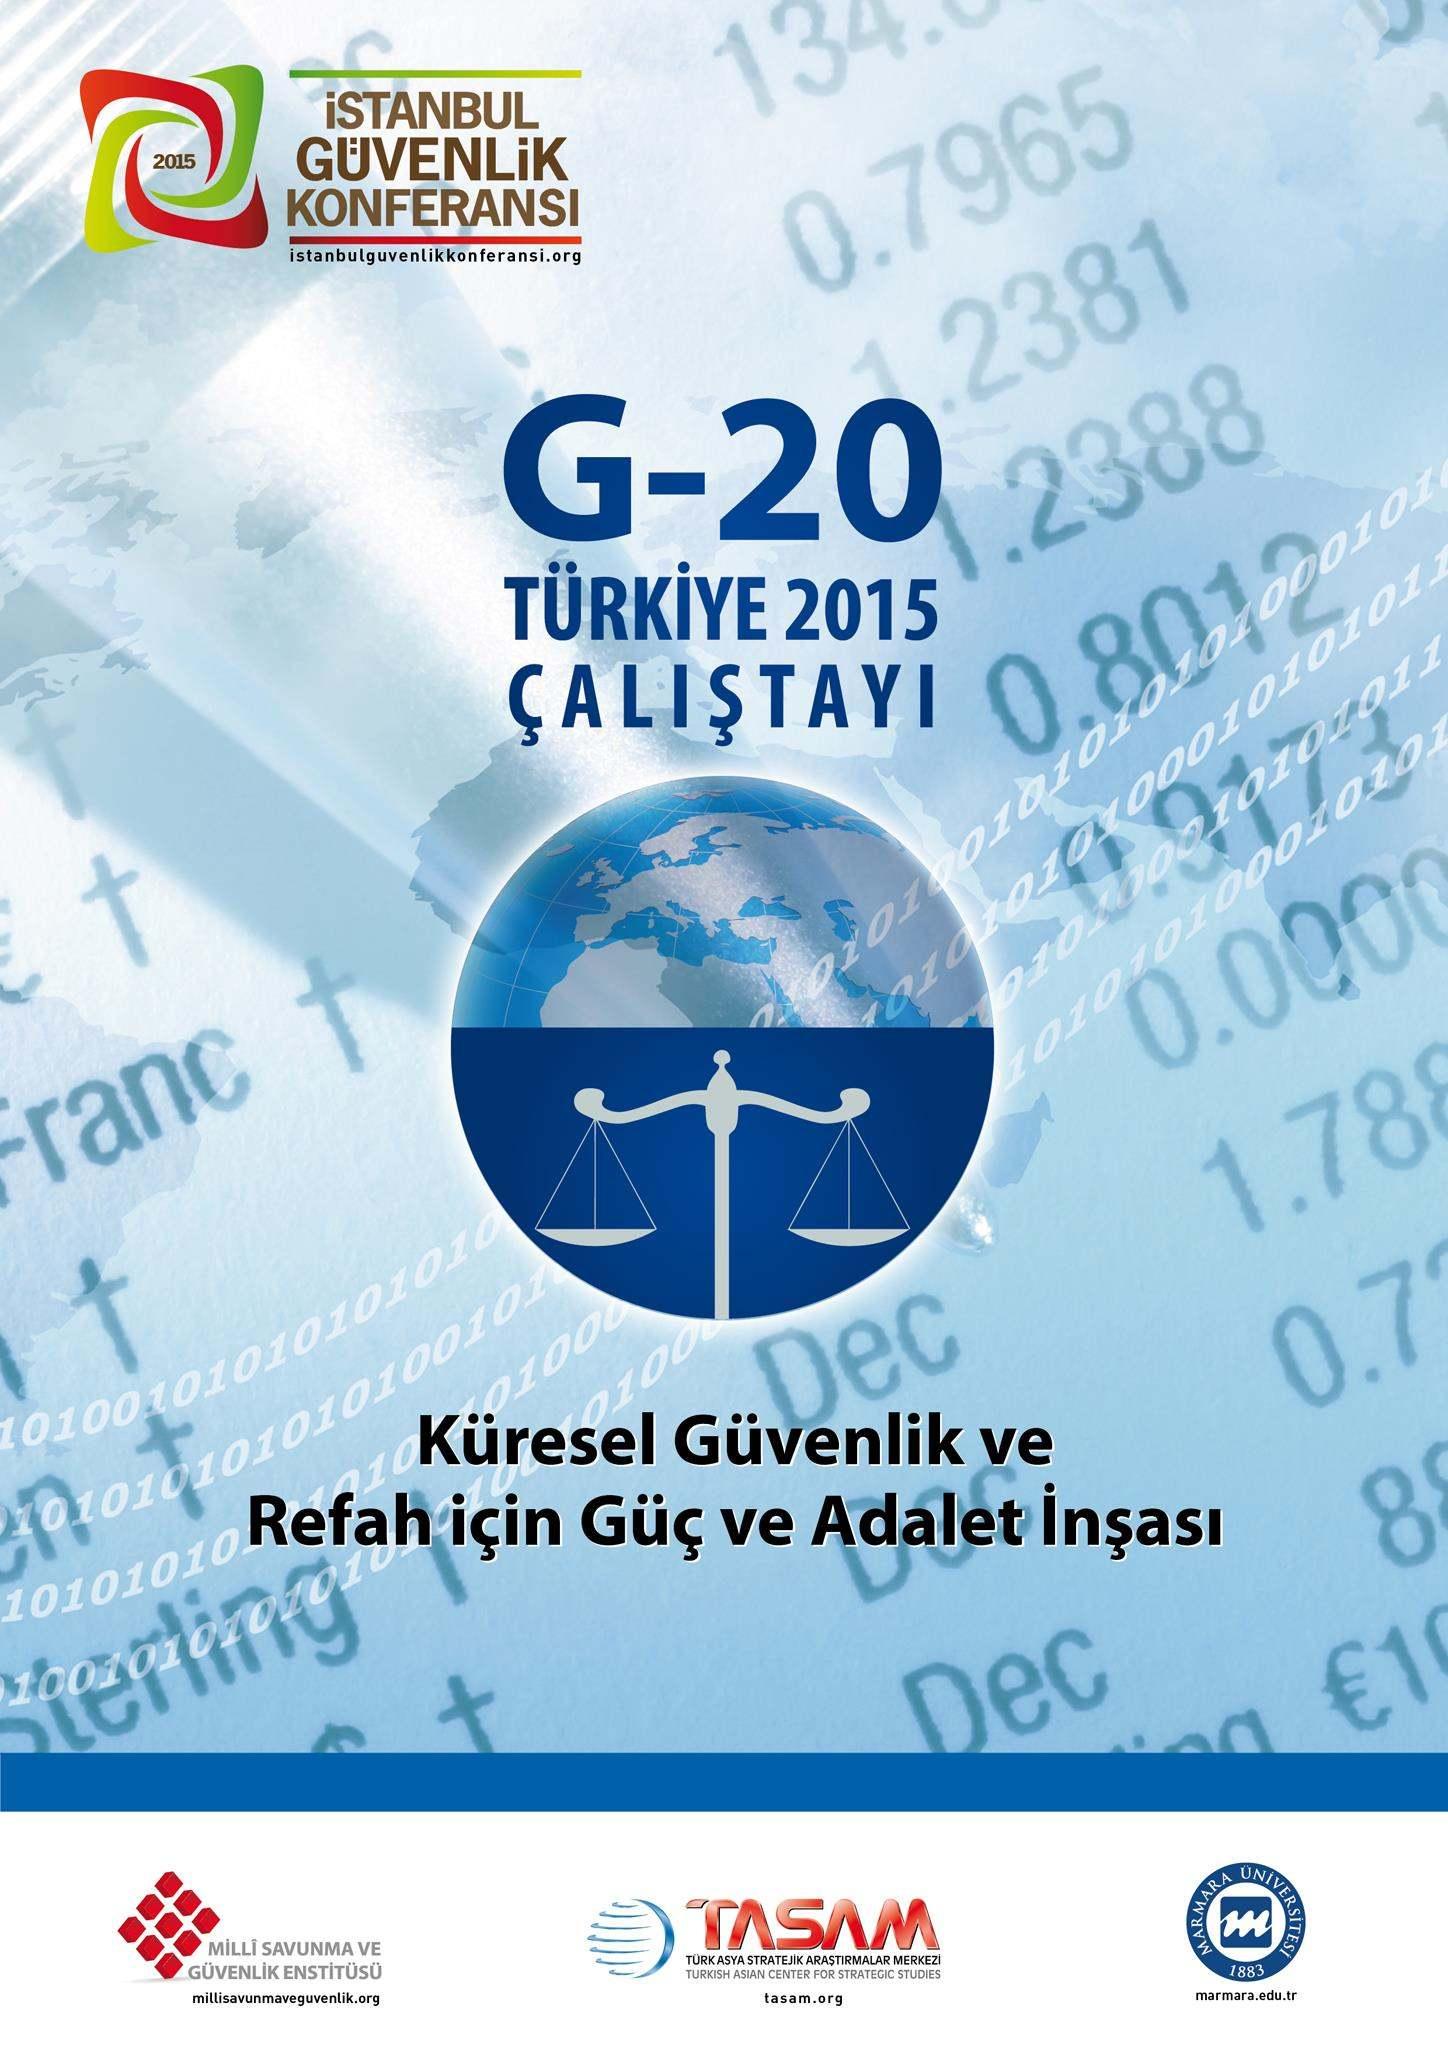 G-20 Türkiye 2015 Çalıştayı | İstanbul Güvenlik Konferansı 2015